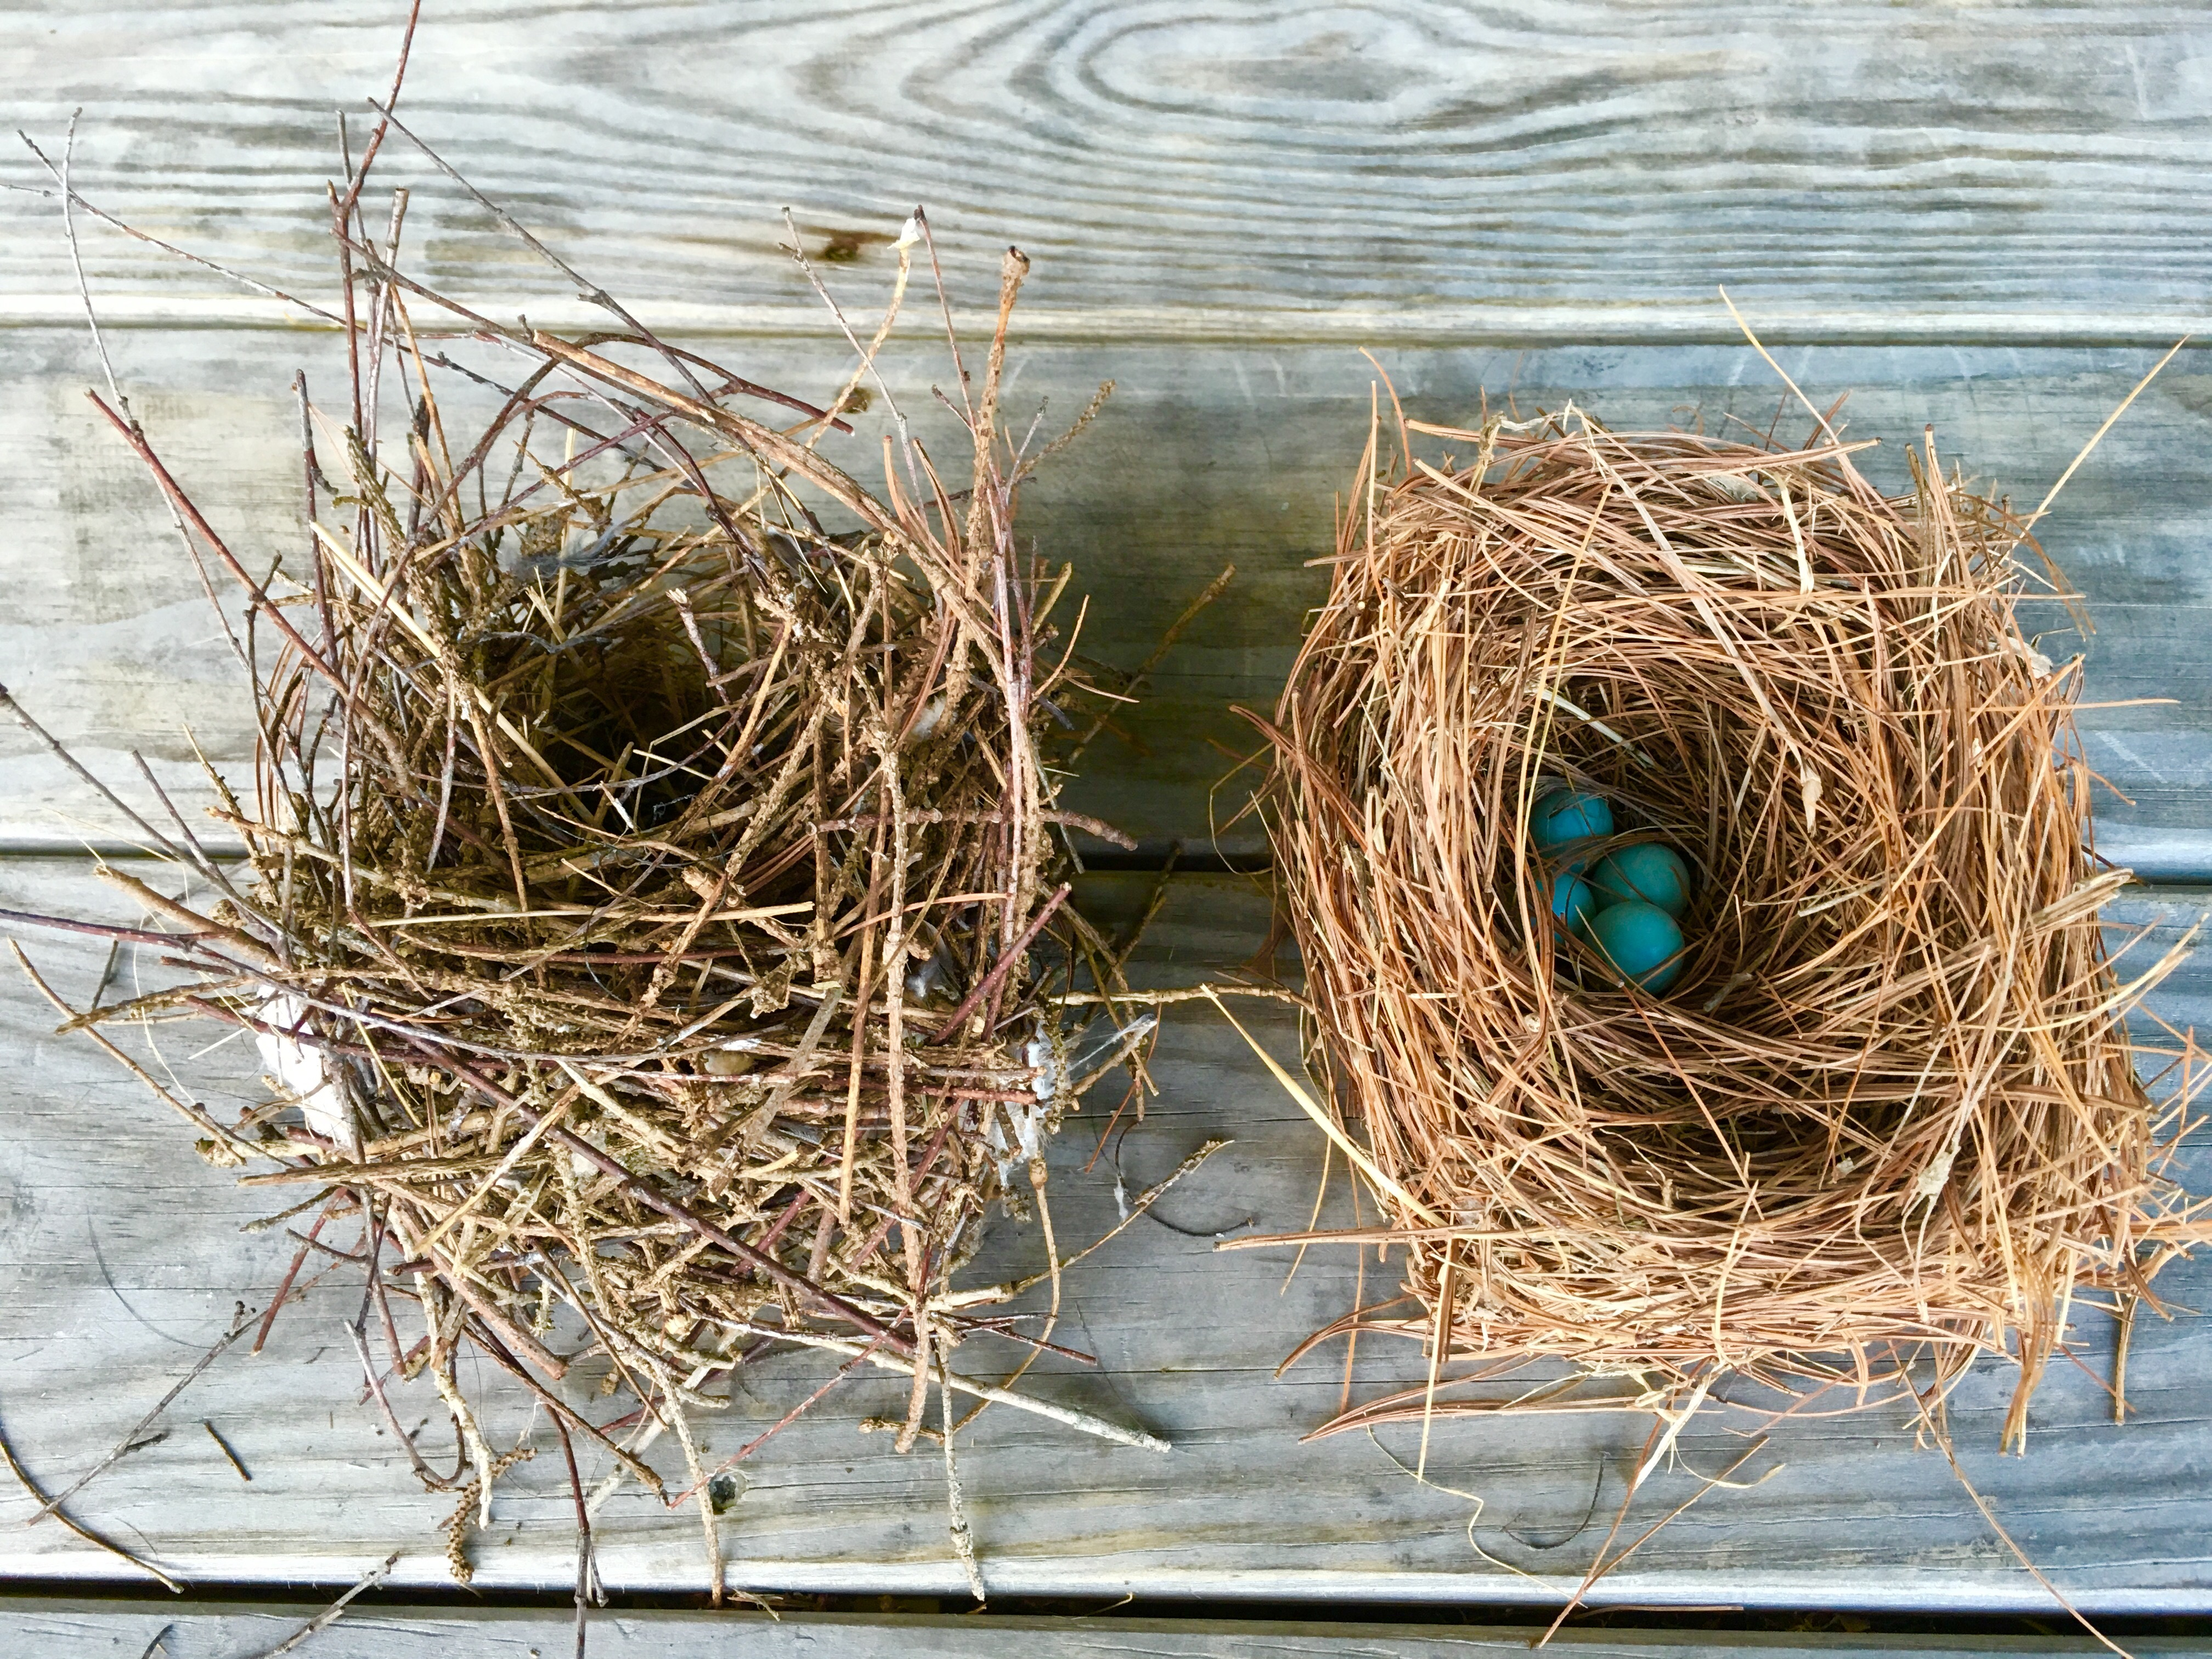 Wren nest on the left, bluebird nest on the right